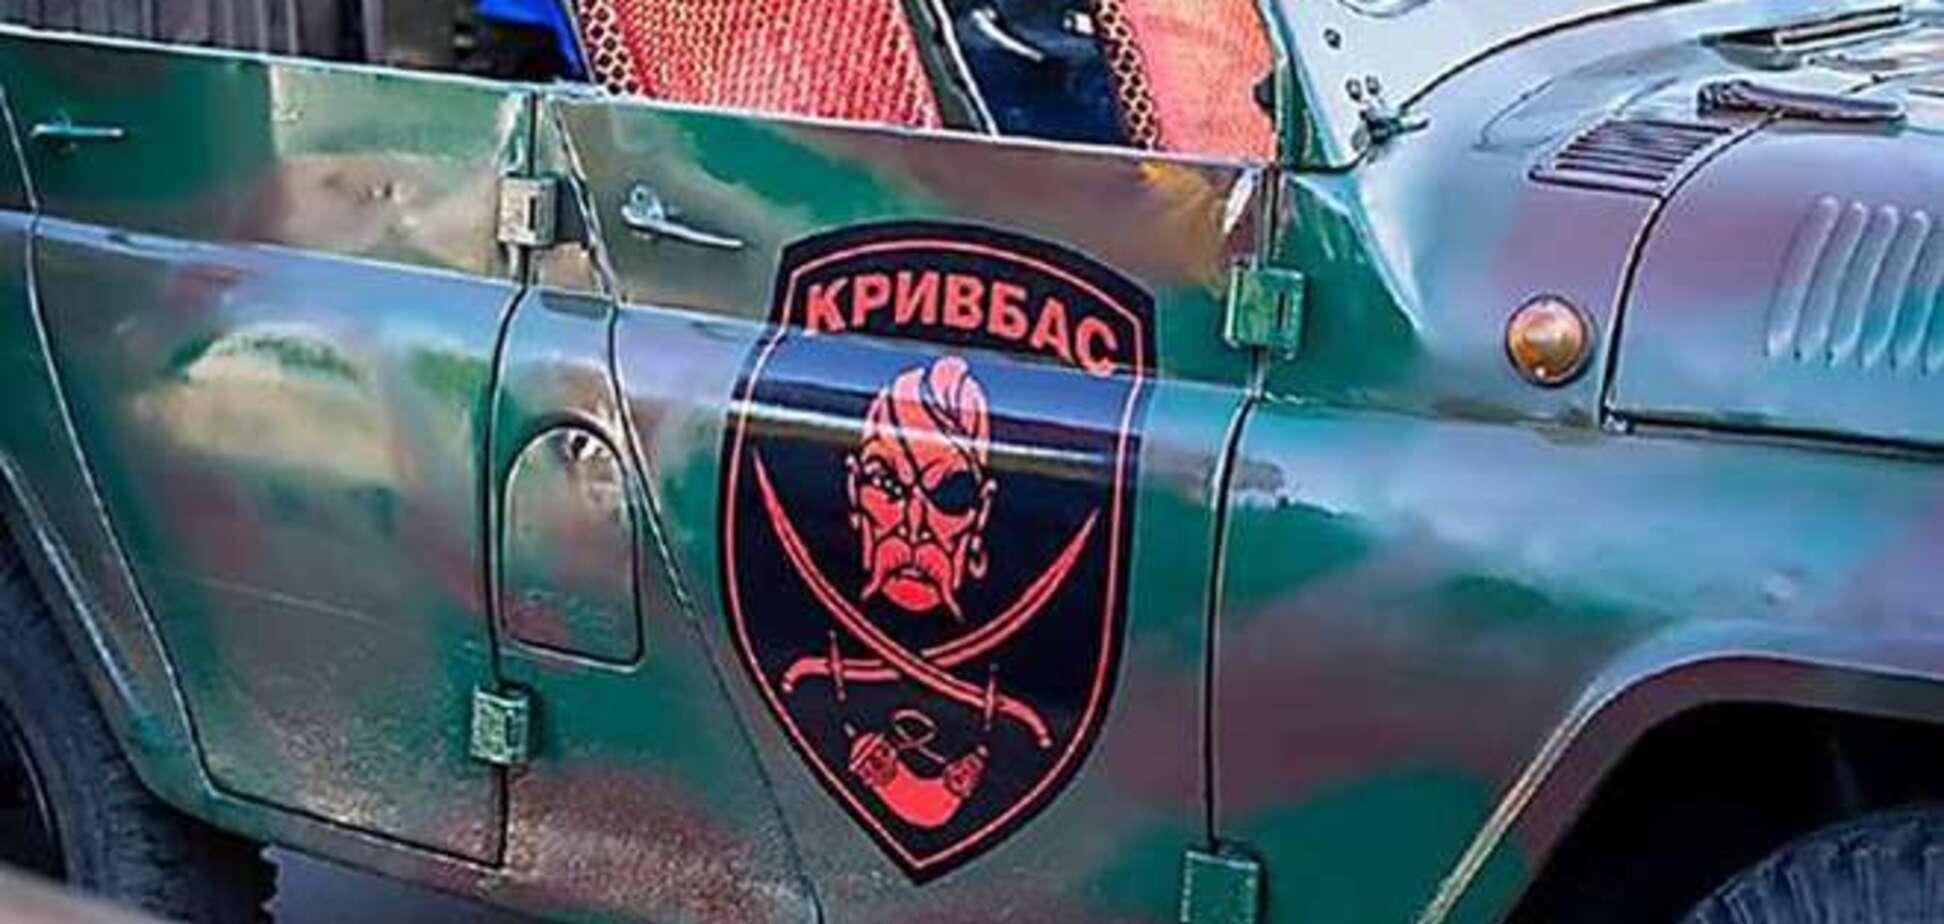 Комбат 'Кривбасса': под Дебальцево погиб 21 боец, 97 - в плену